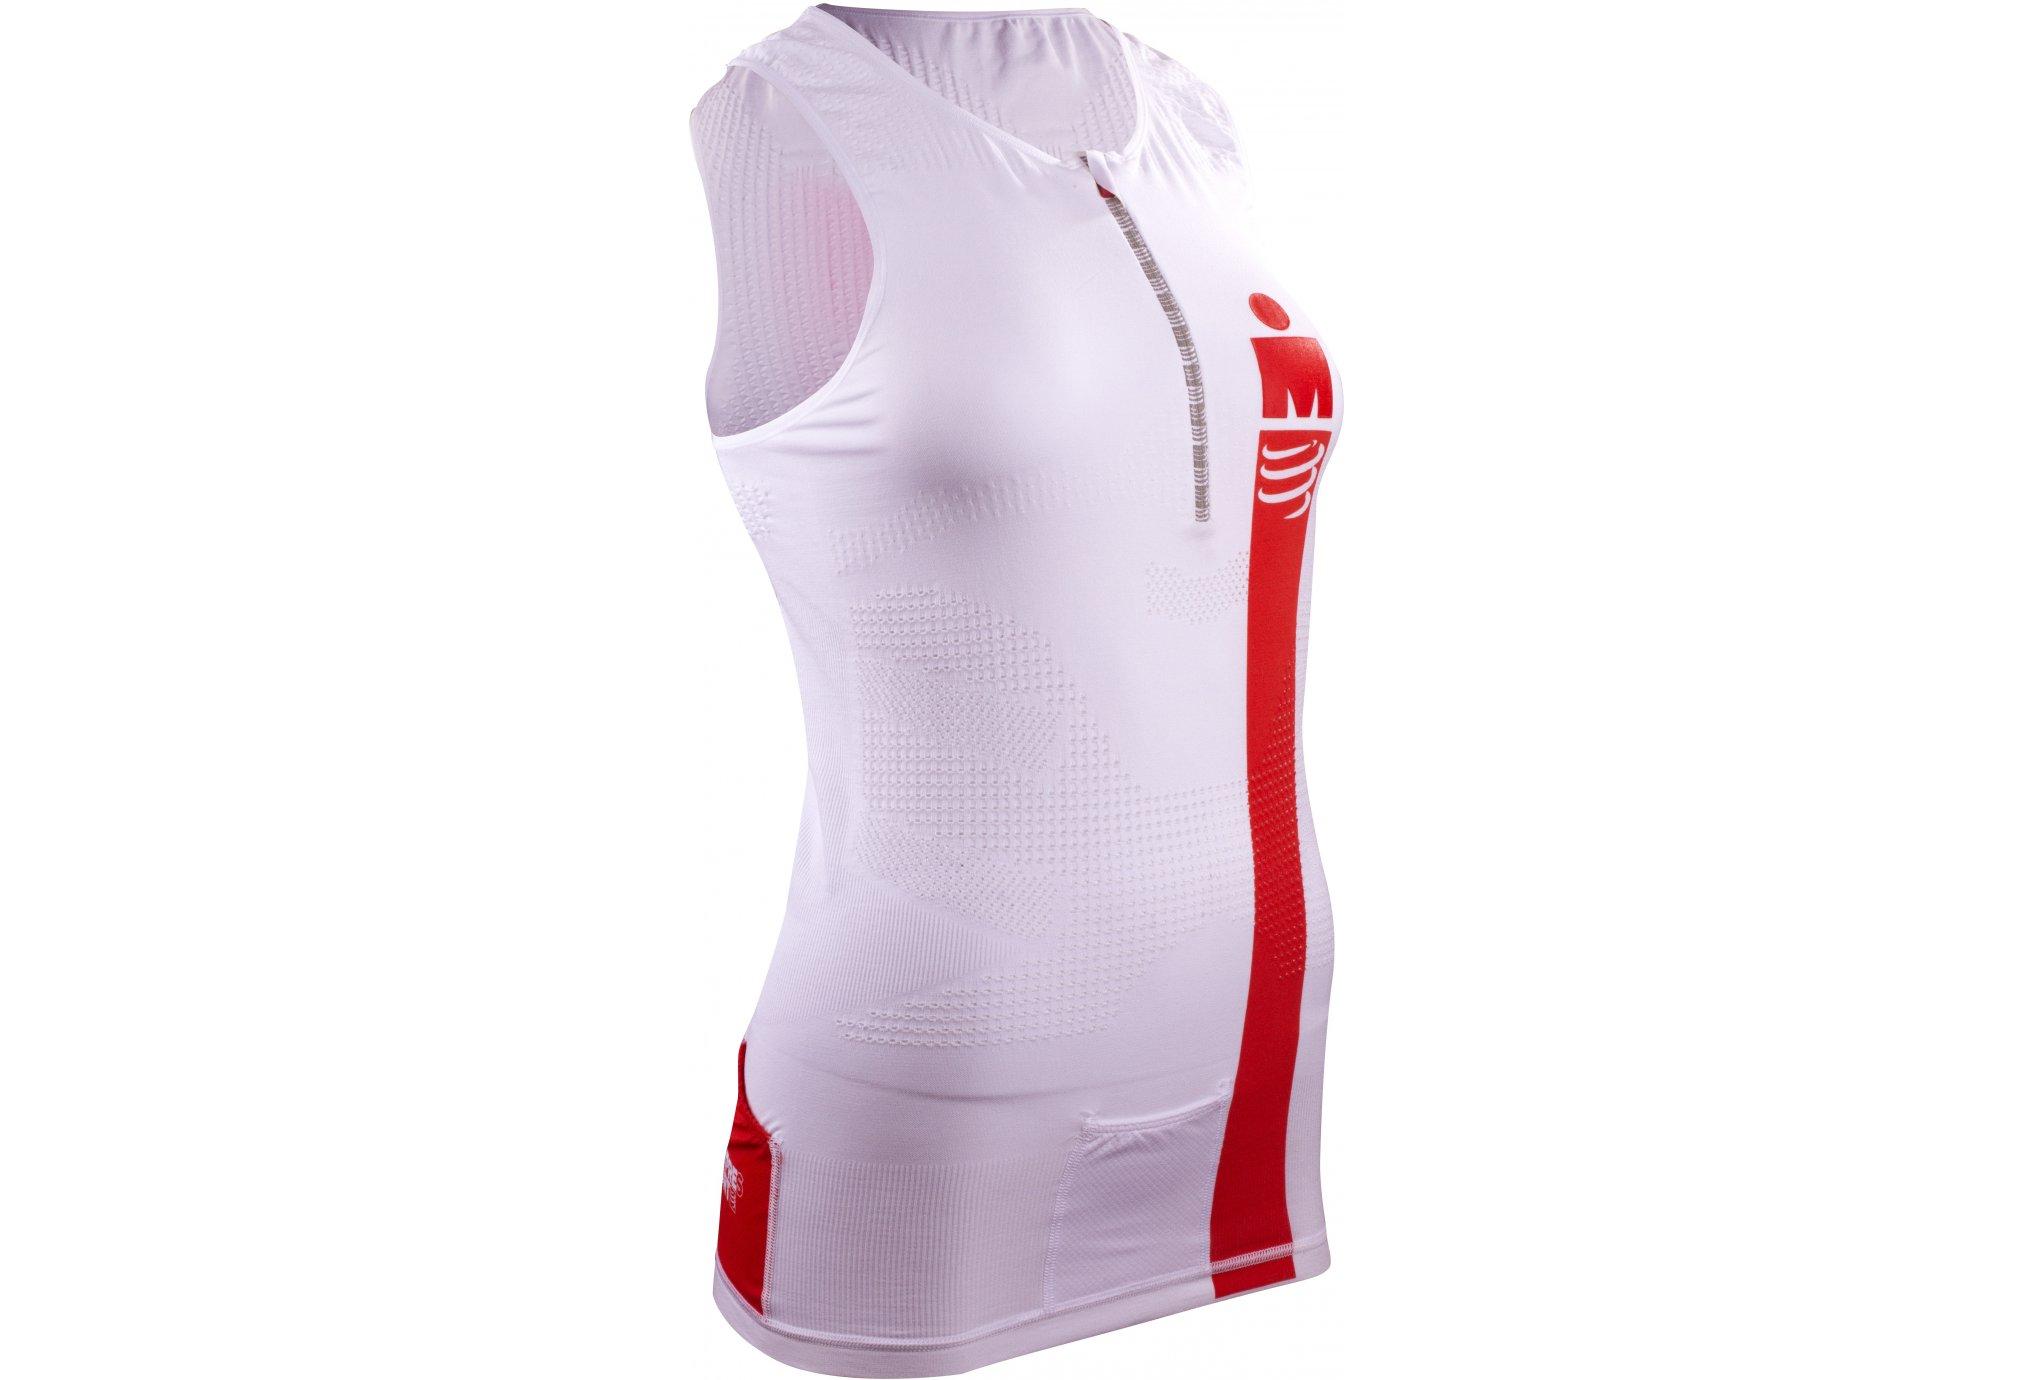 Compressport Débardeur Ironman TR3 Top W Diététique Vêtements femme